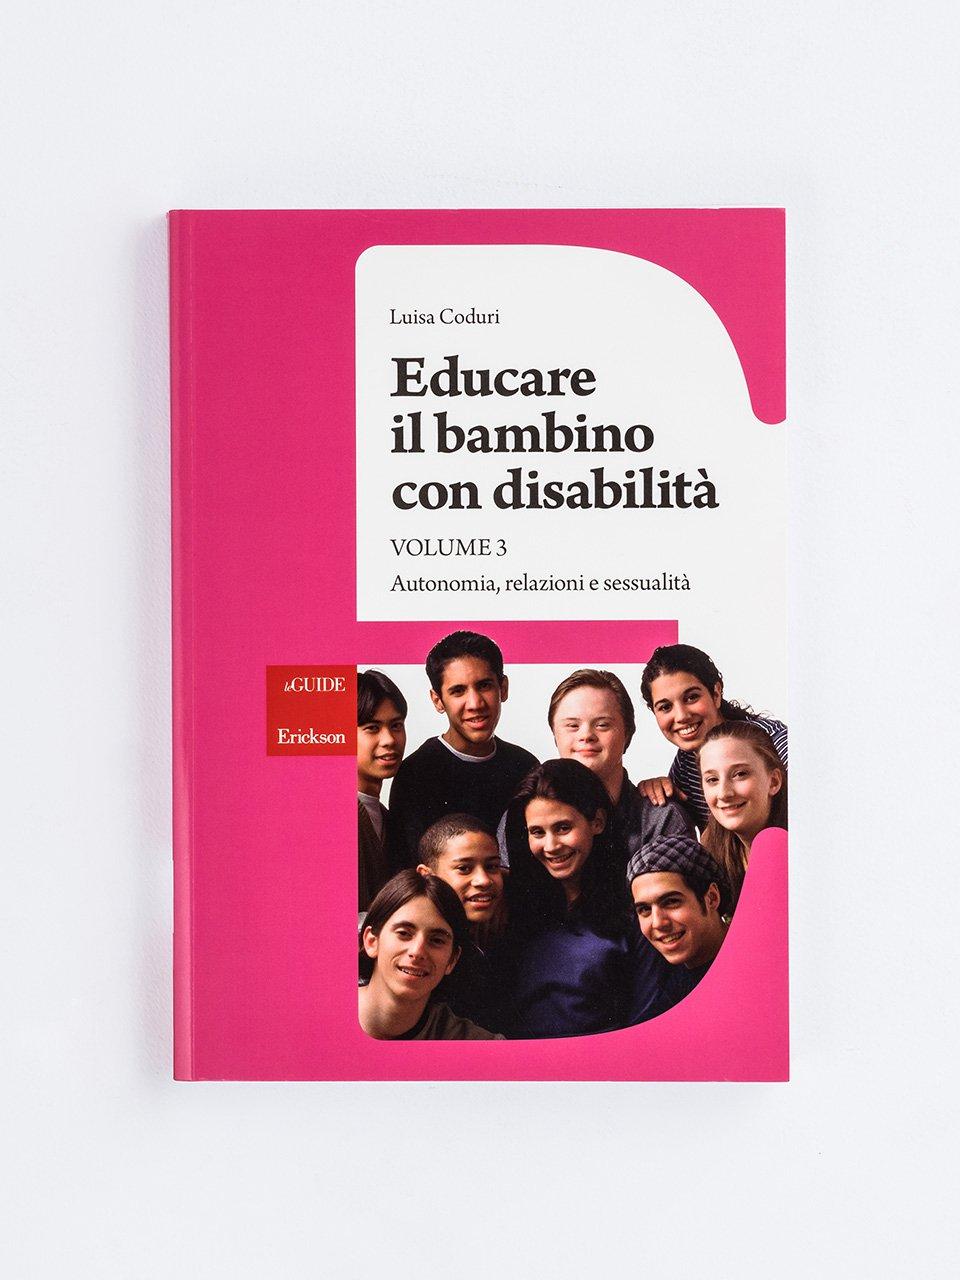 Educare il bambino con disabilità - Volume 3 - Comunicazione e reciprocità sociale nell'autismo - Libri - Erickson